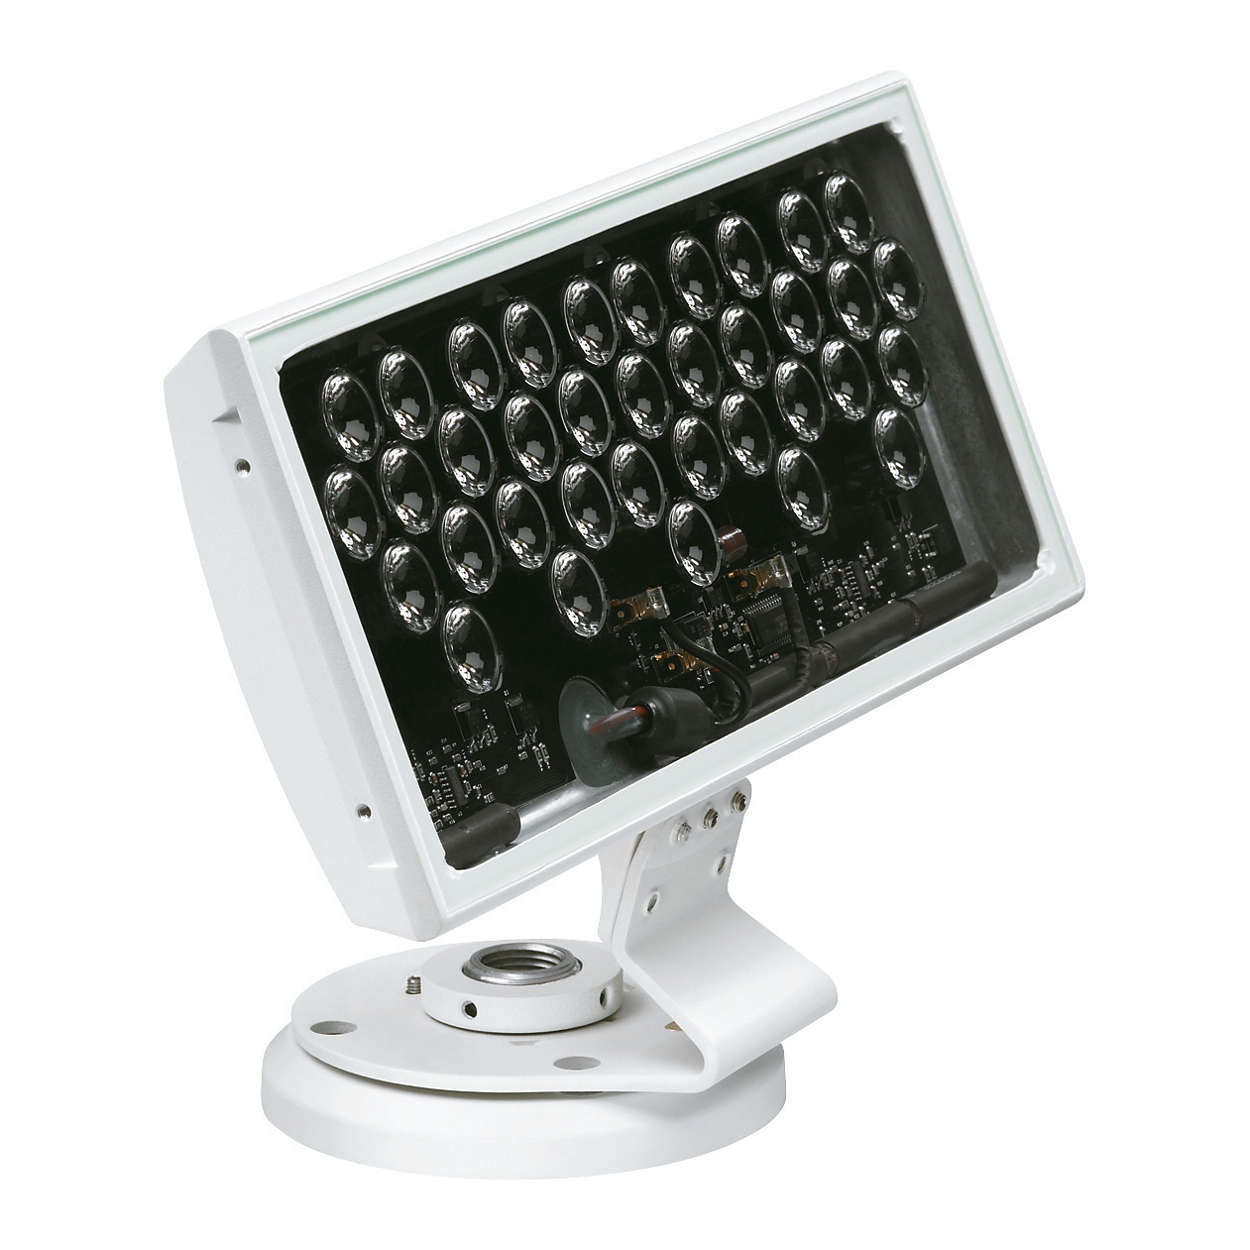 ColorBlast 6 i 12 — oprawy LED wykorzystujące technologię RGBdedykowane dozastosowań wewnętrznych i zewnętrznych